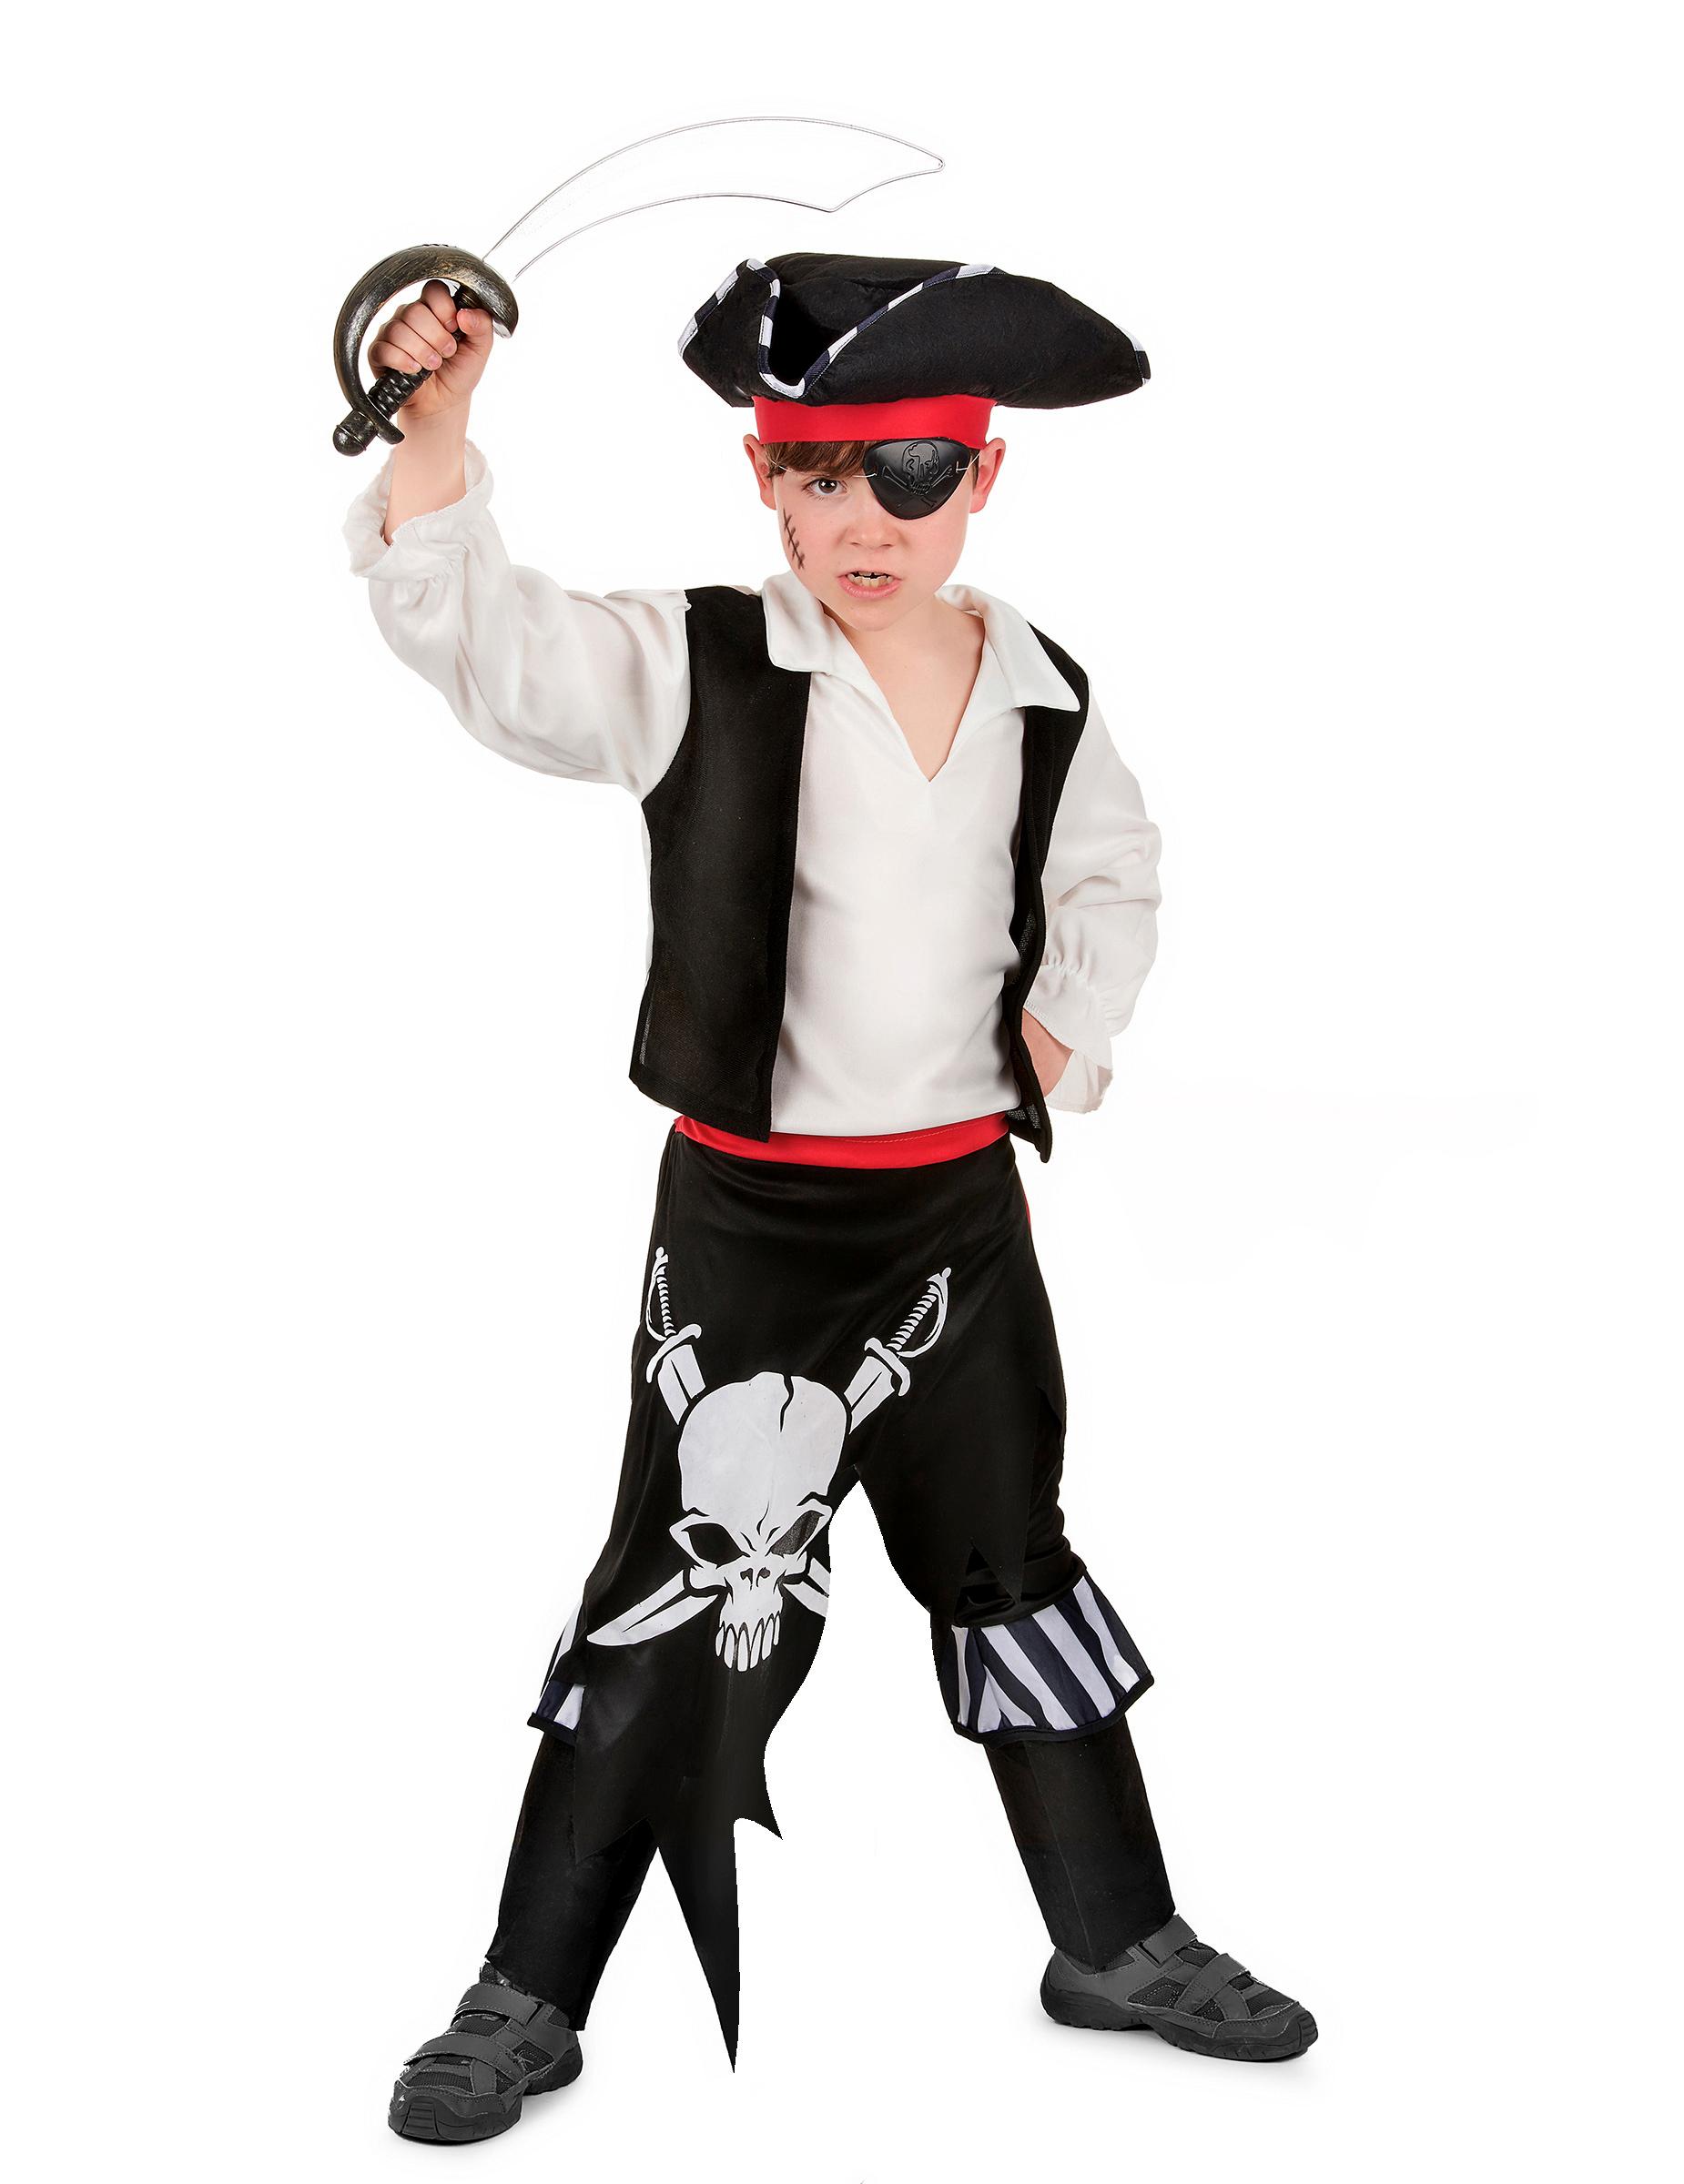 Pirates Adultes Grossiste En Pour Enfants Et De Vegaoopro Déguisements nP8k0OXw